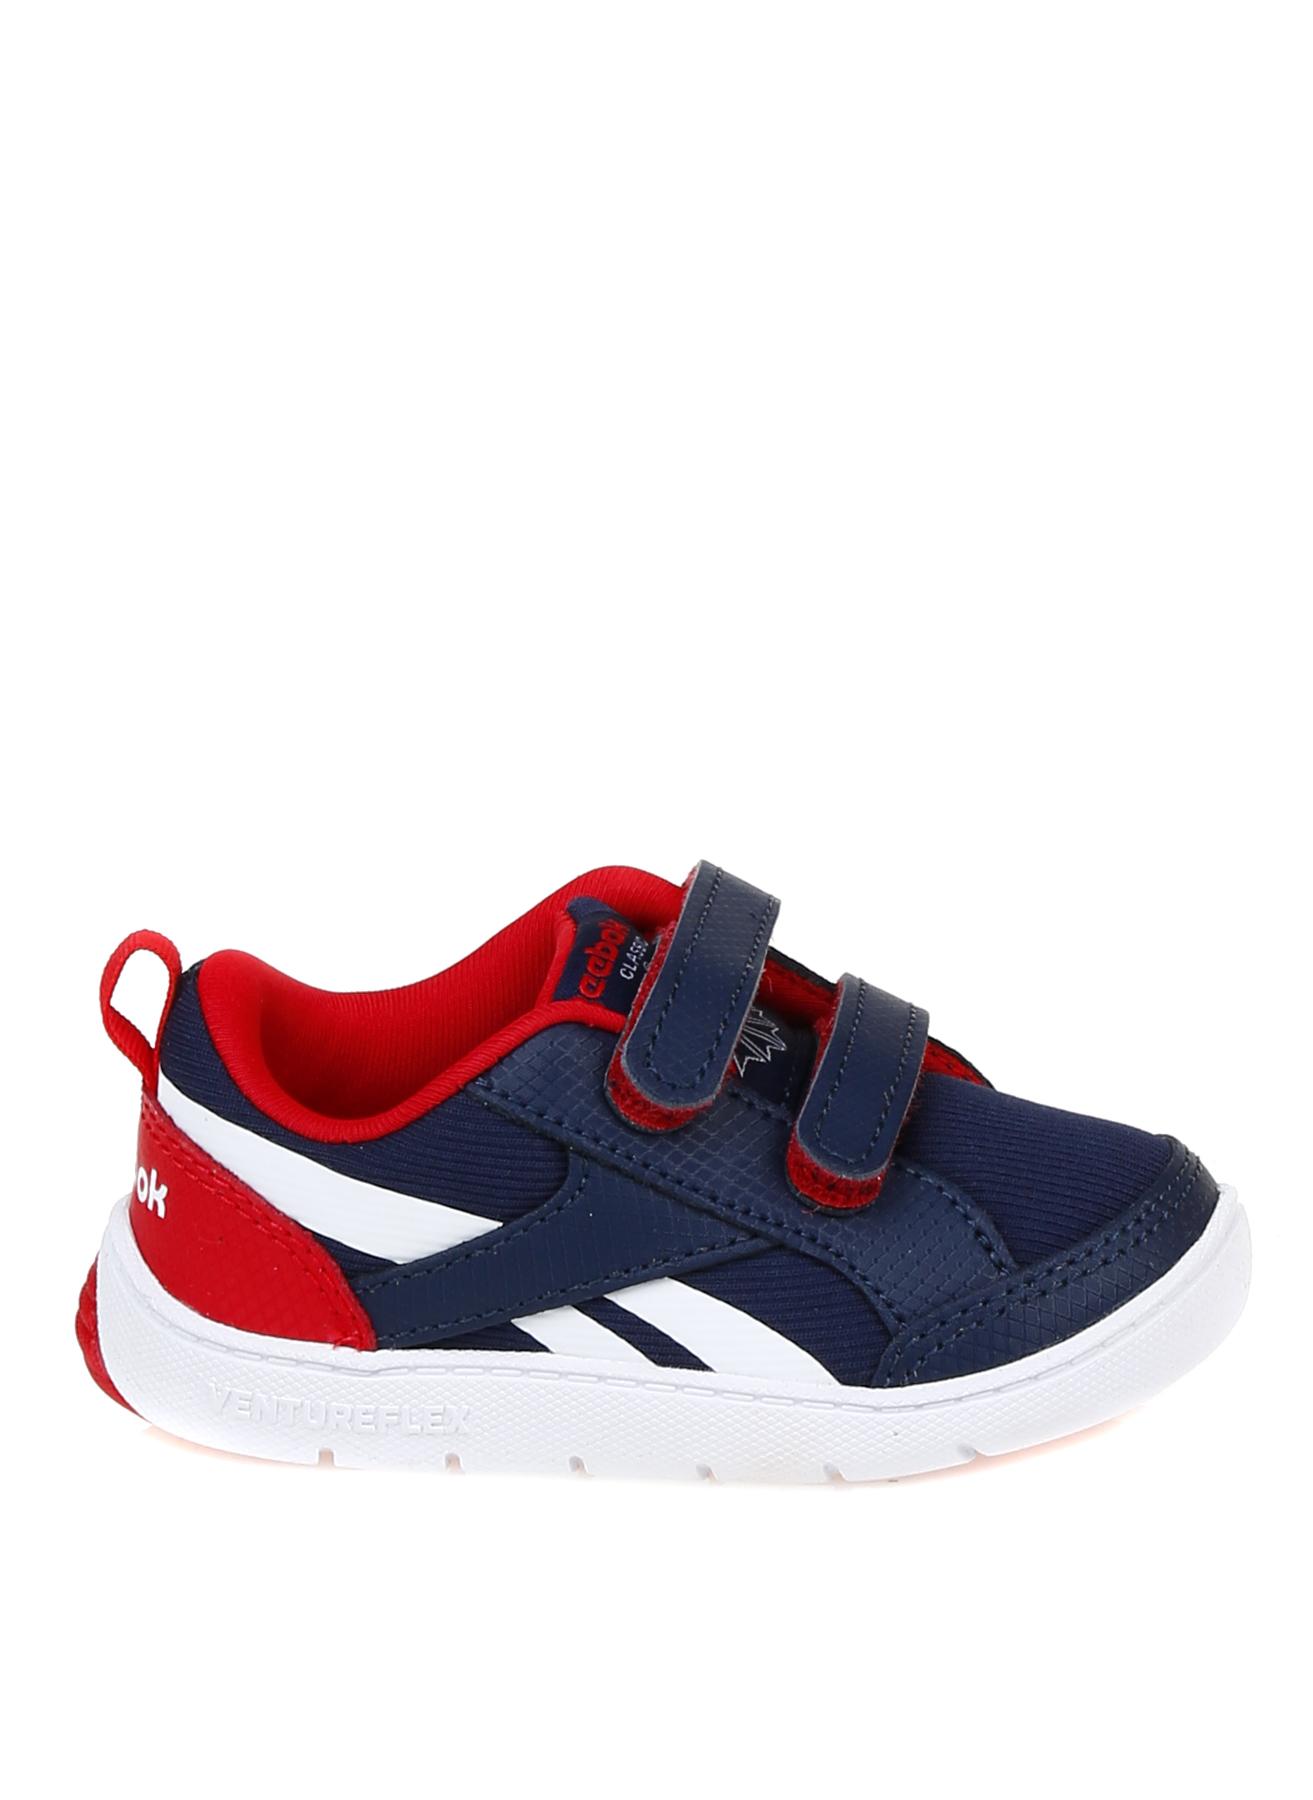 Reebok Ventureflex Chase II Infants Yürüyüş Ayakkabısı 20 5001700735001 Ürün Resmi